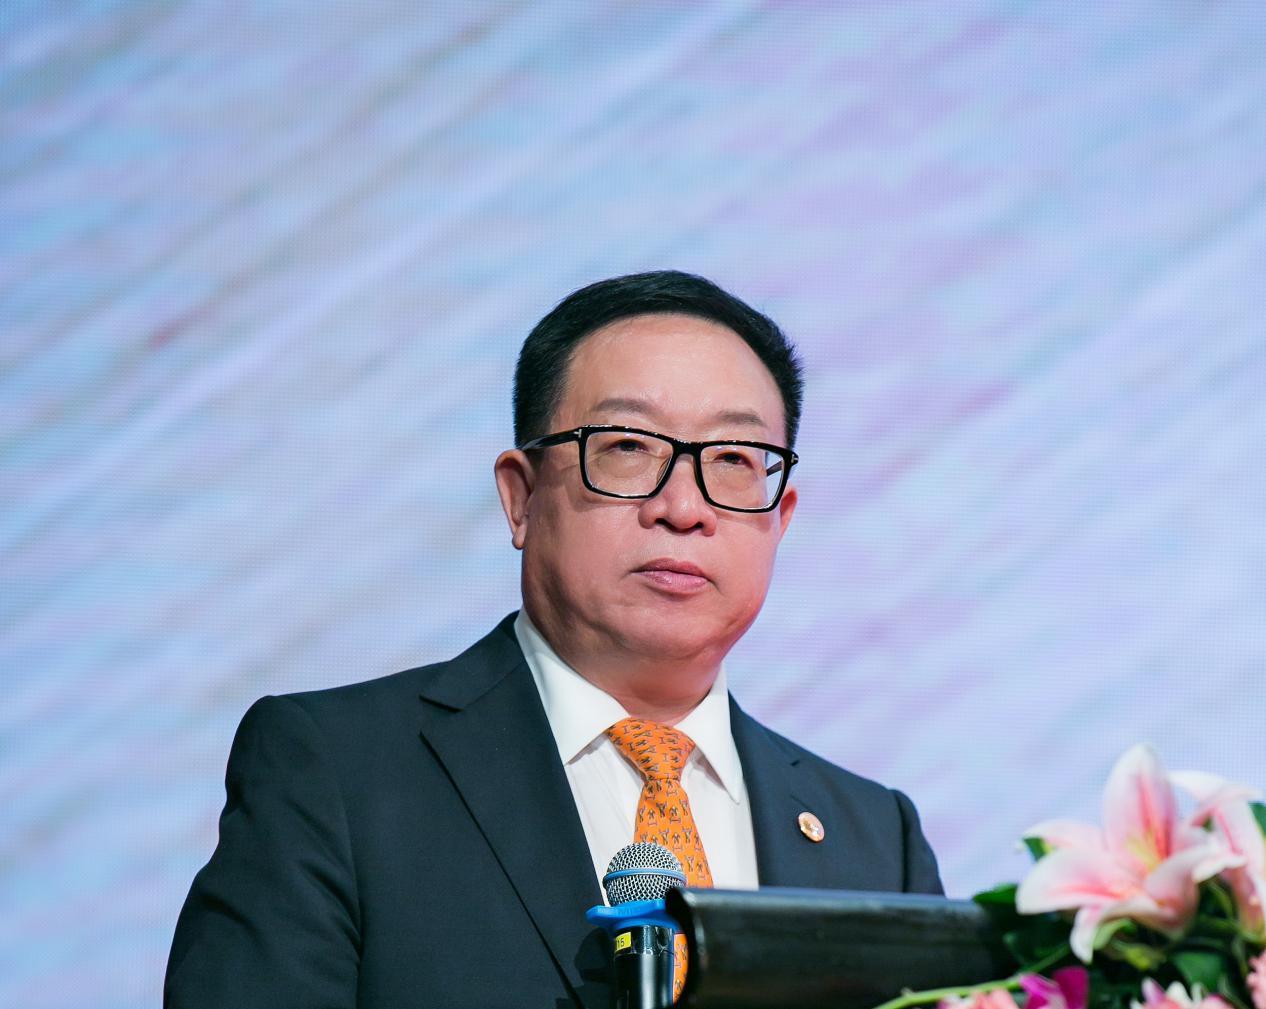 专访杨金才:2020大安防产值首次破万亿,2021新局可期!